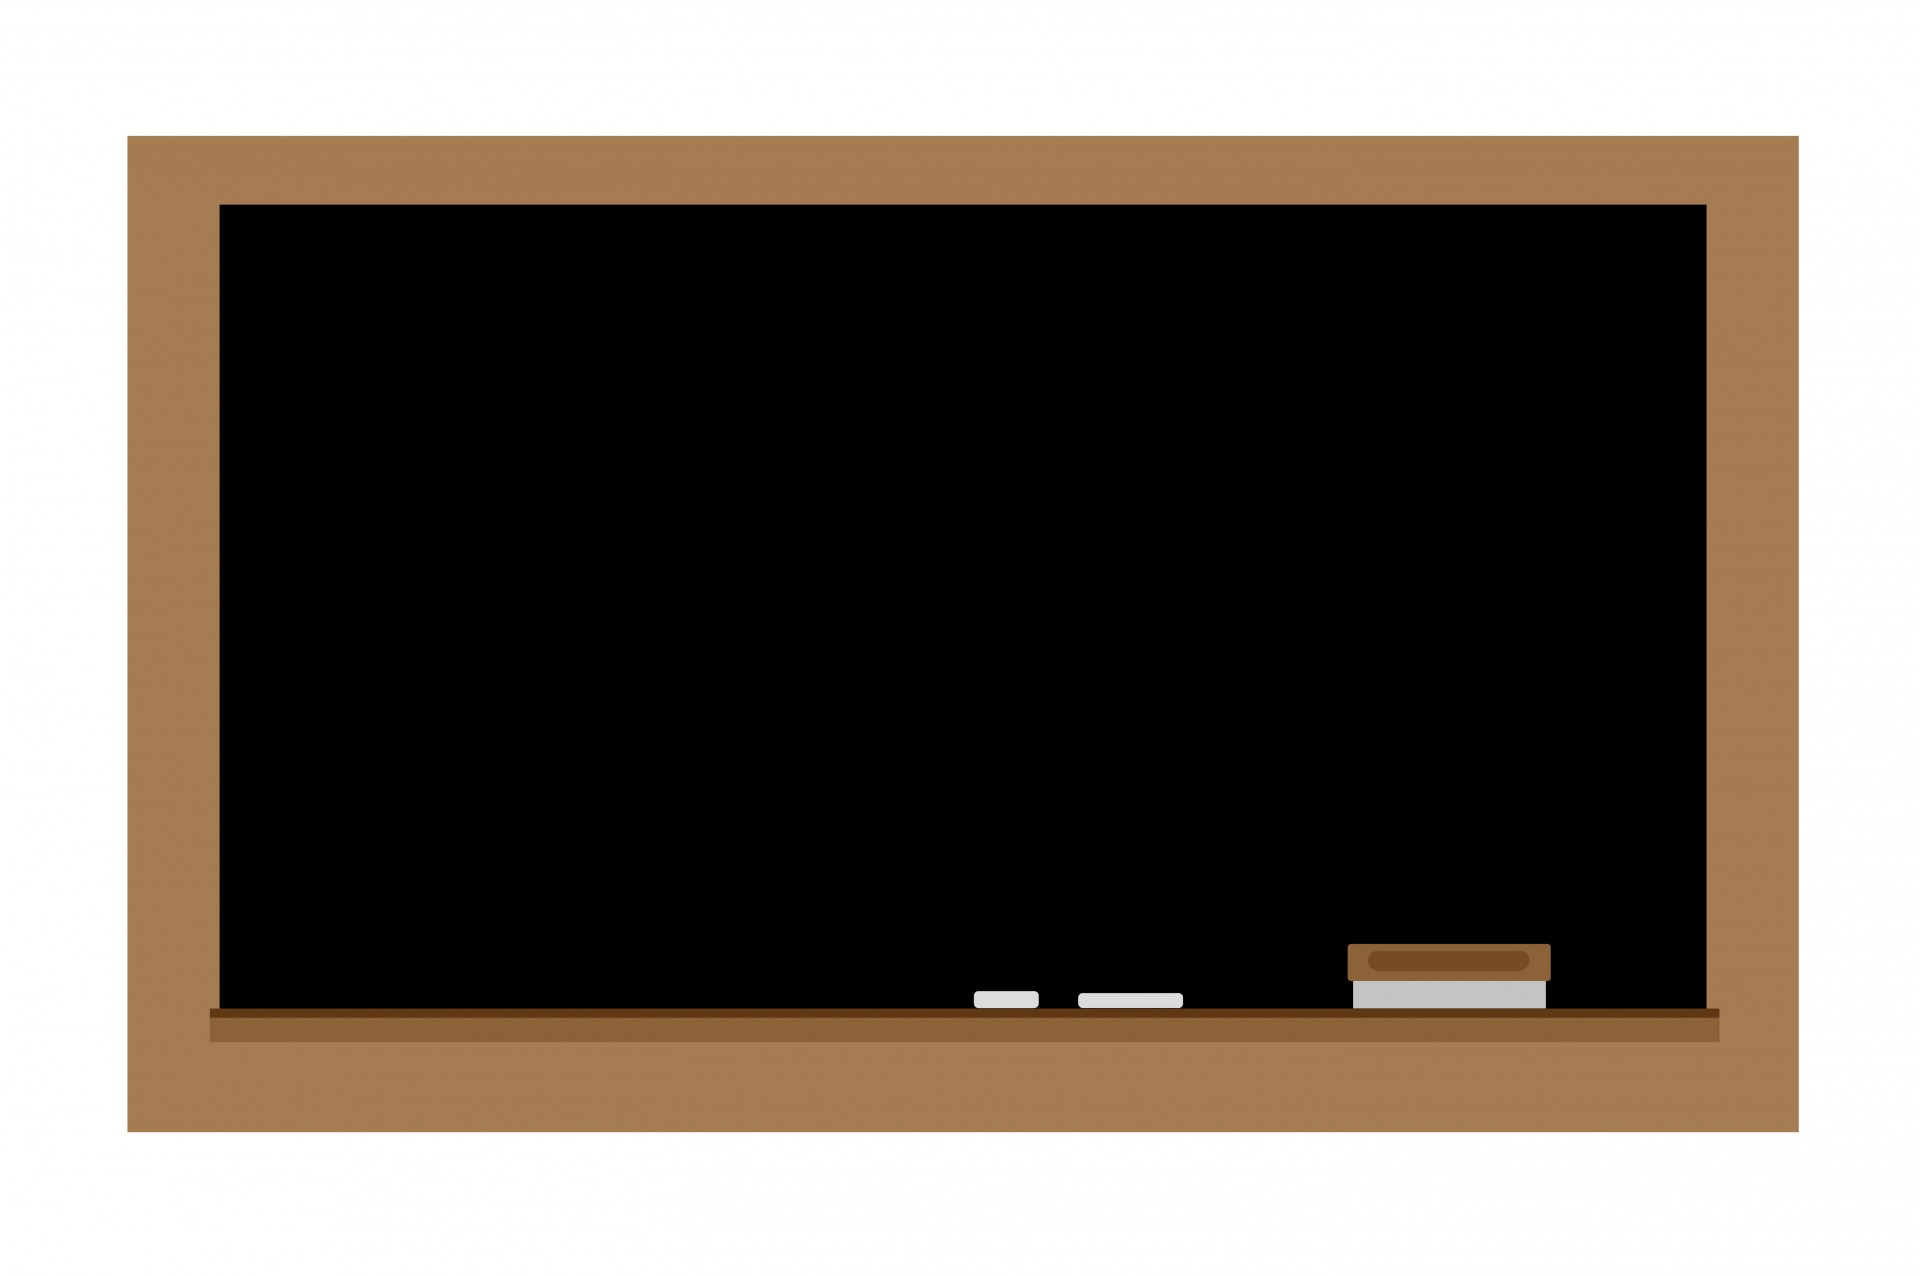 Download free photo of Chalkboard,blackboard,school,clipart.